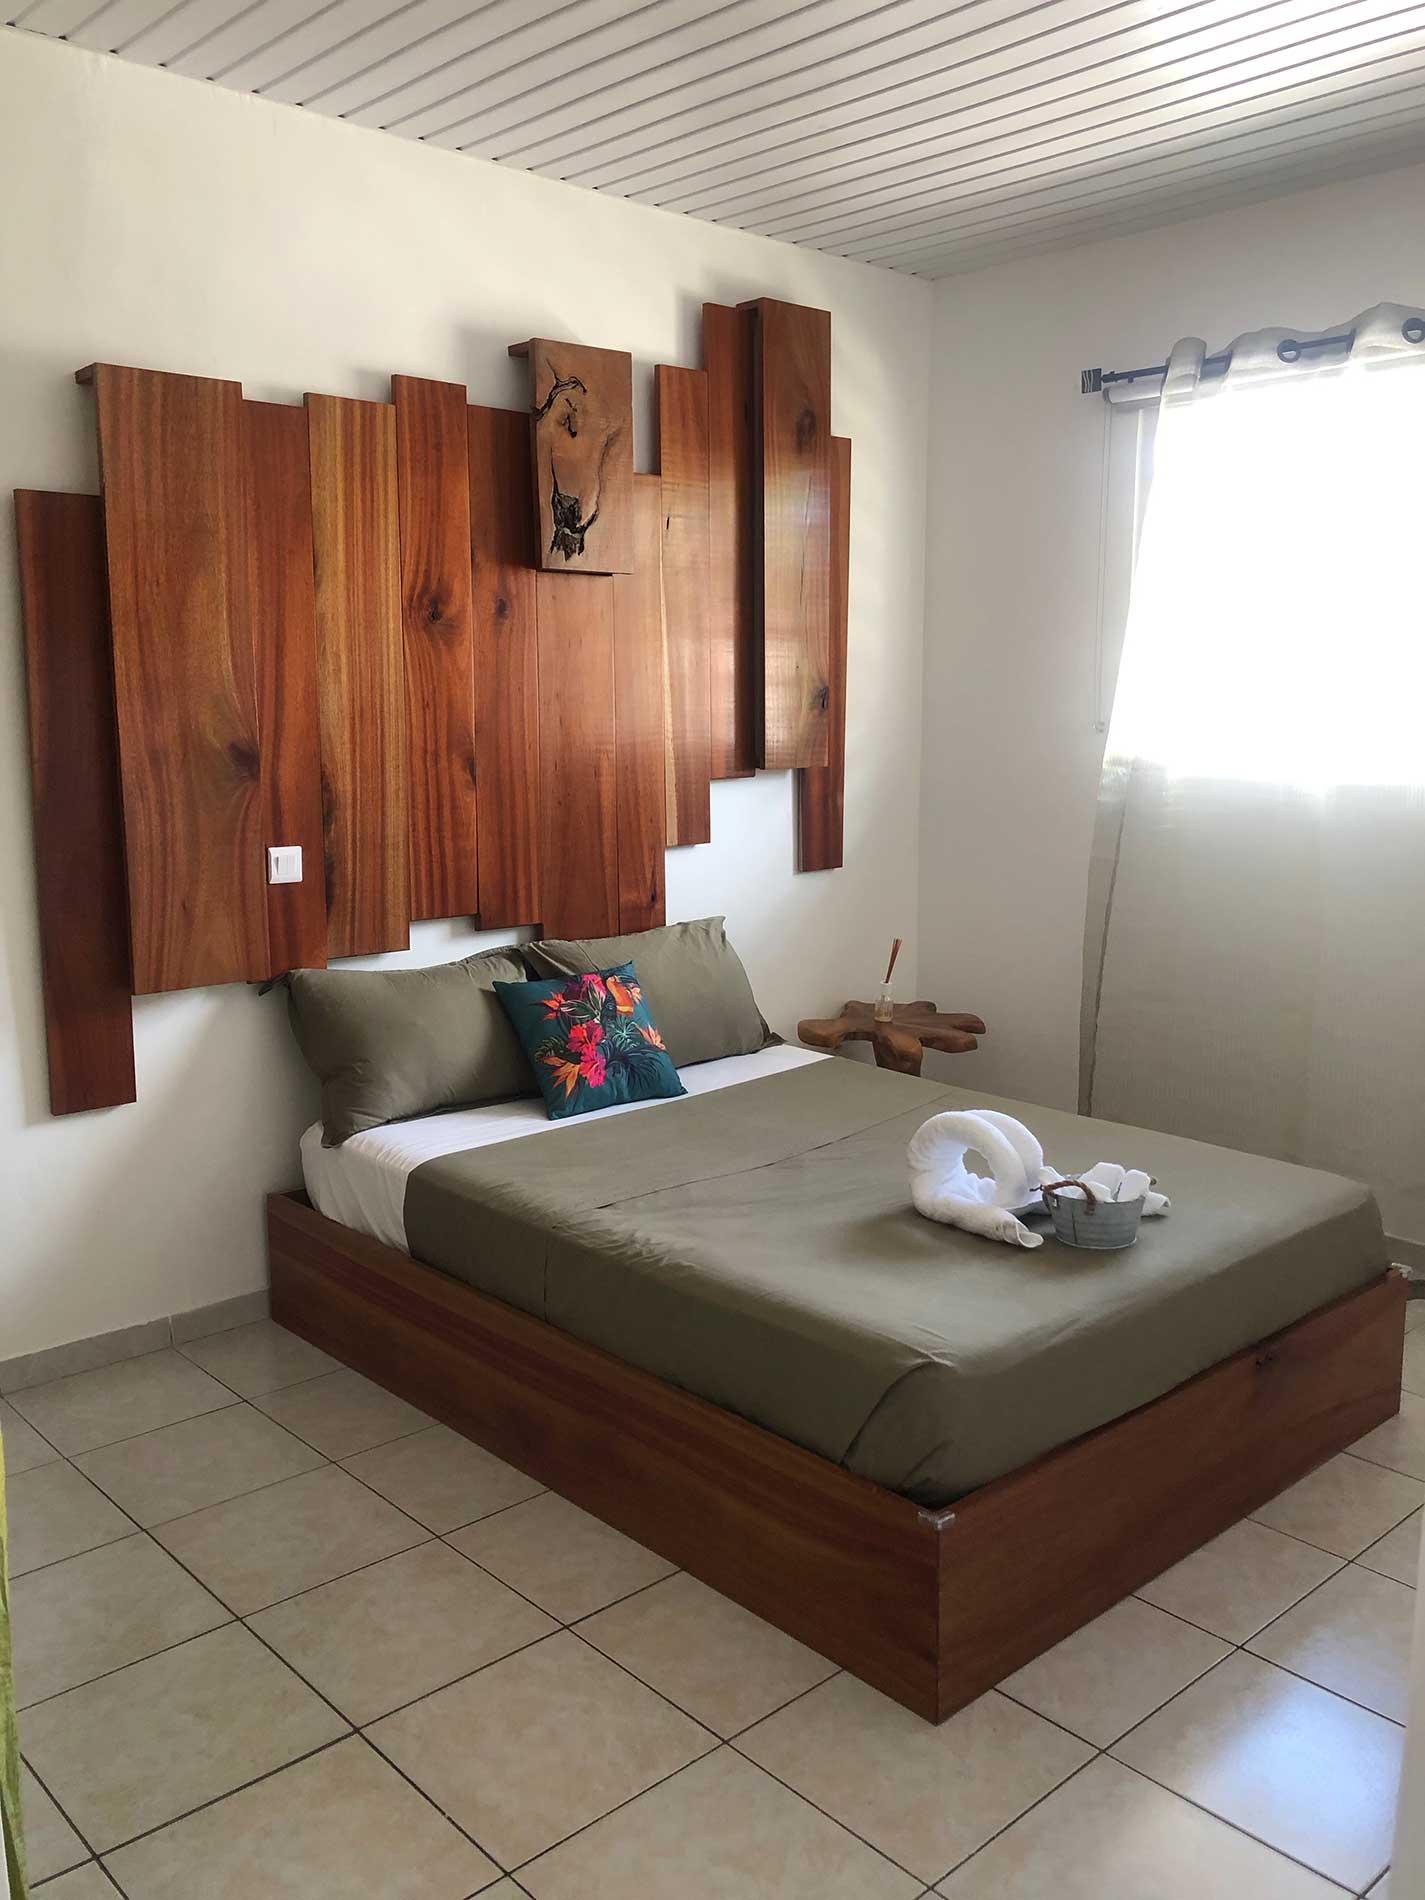 Vue d'ensemble de la chambre satiné rubané avec le kit d'accueil, le lte, la ête de lit et la fenêtre.